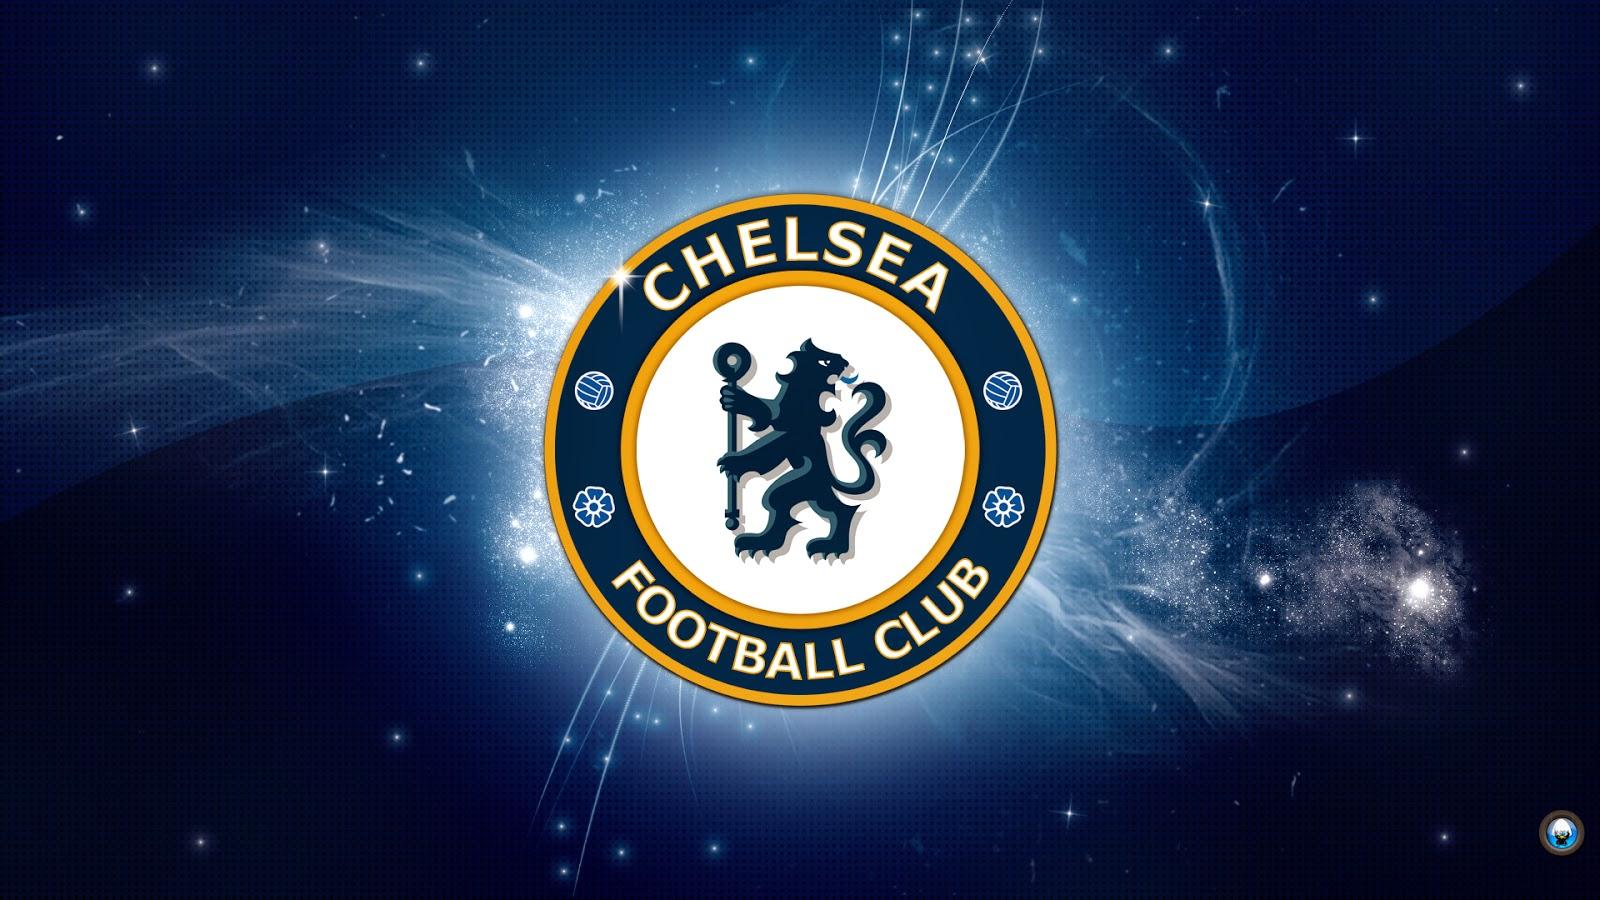 Chelsea, Football, Soccer